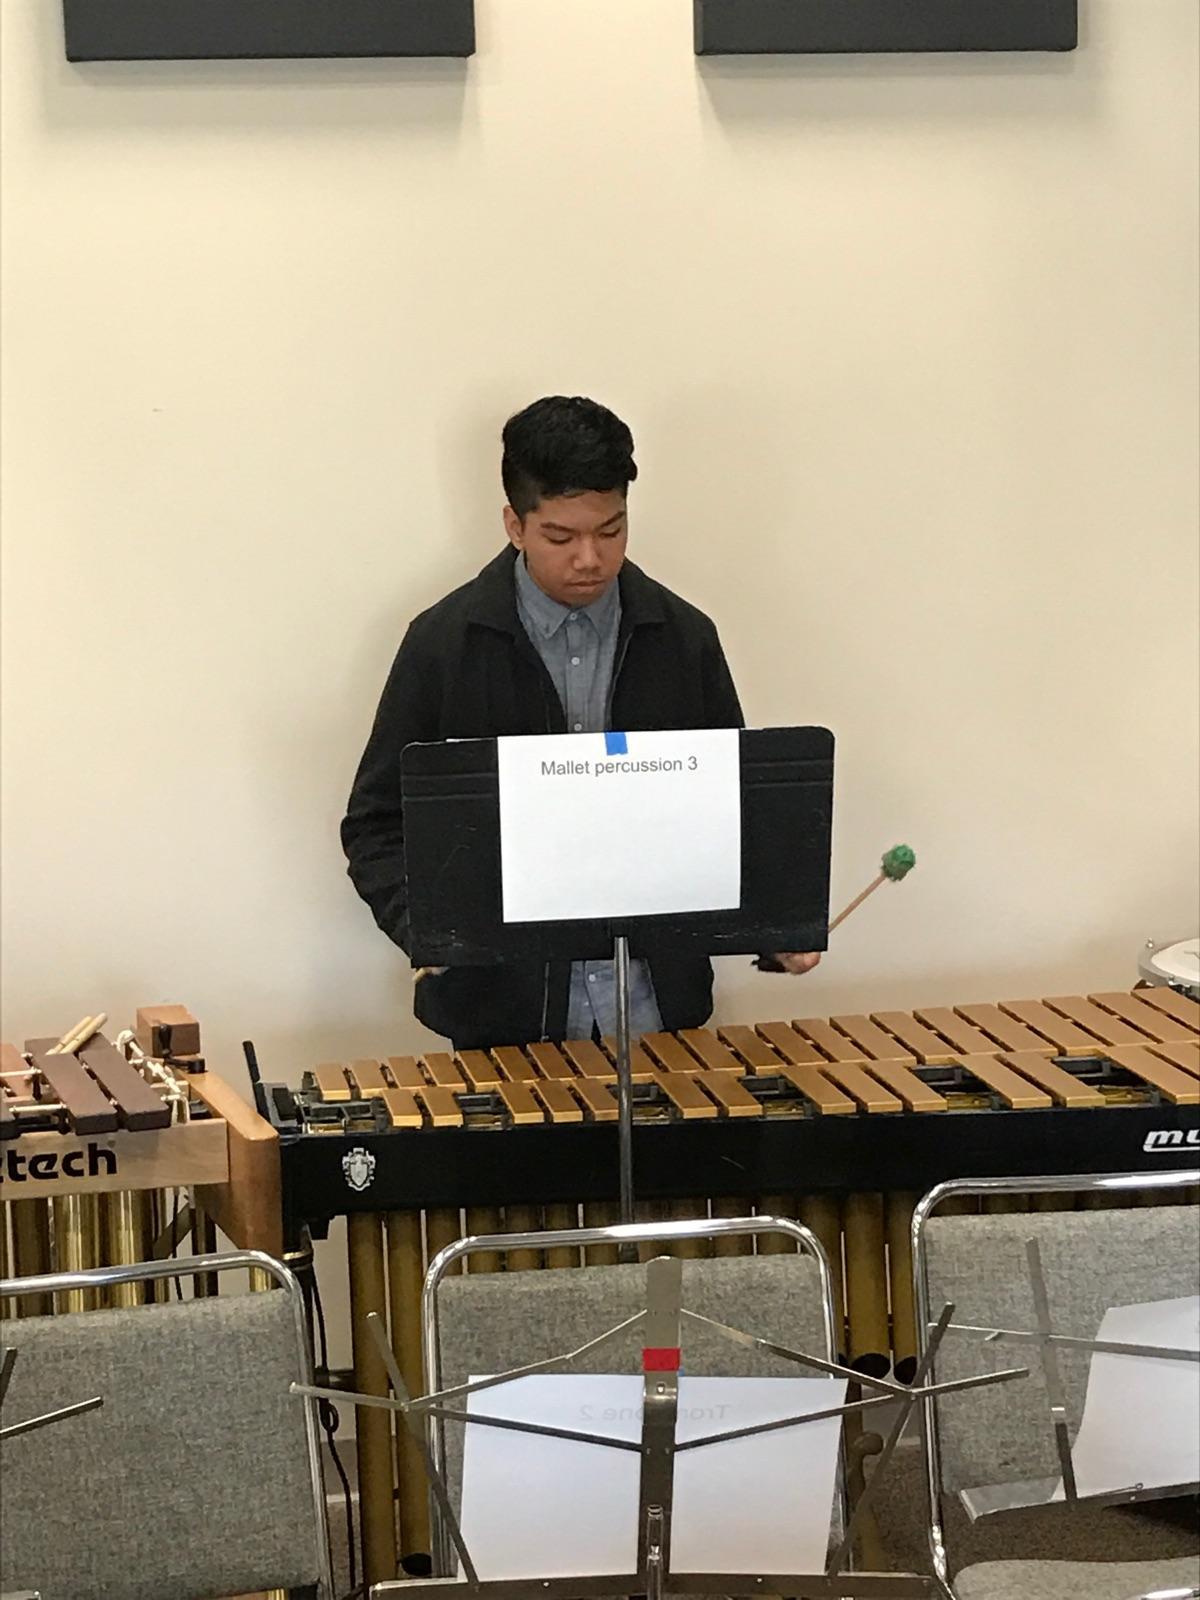 Rico Castillo - Mallets - Eastern Regional Orchestra